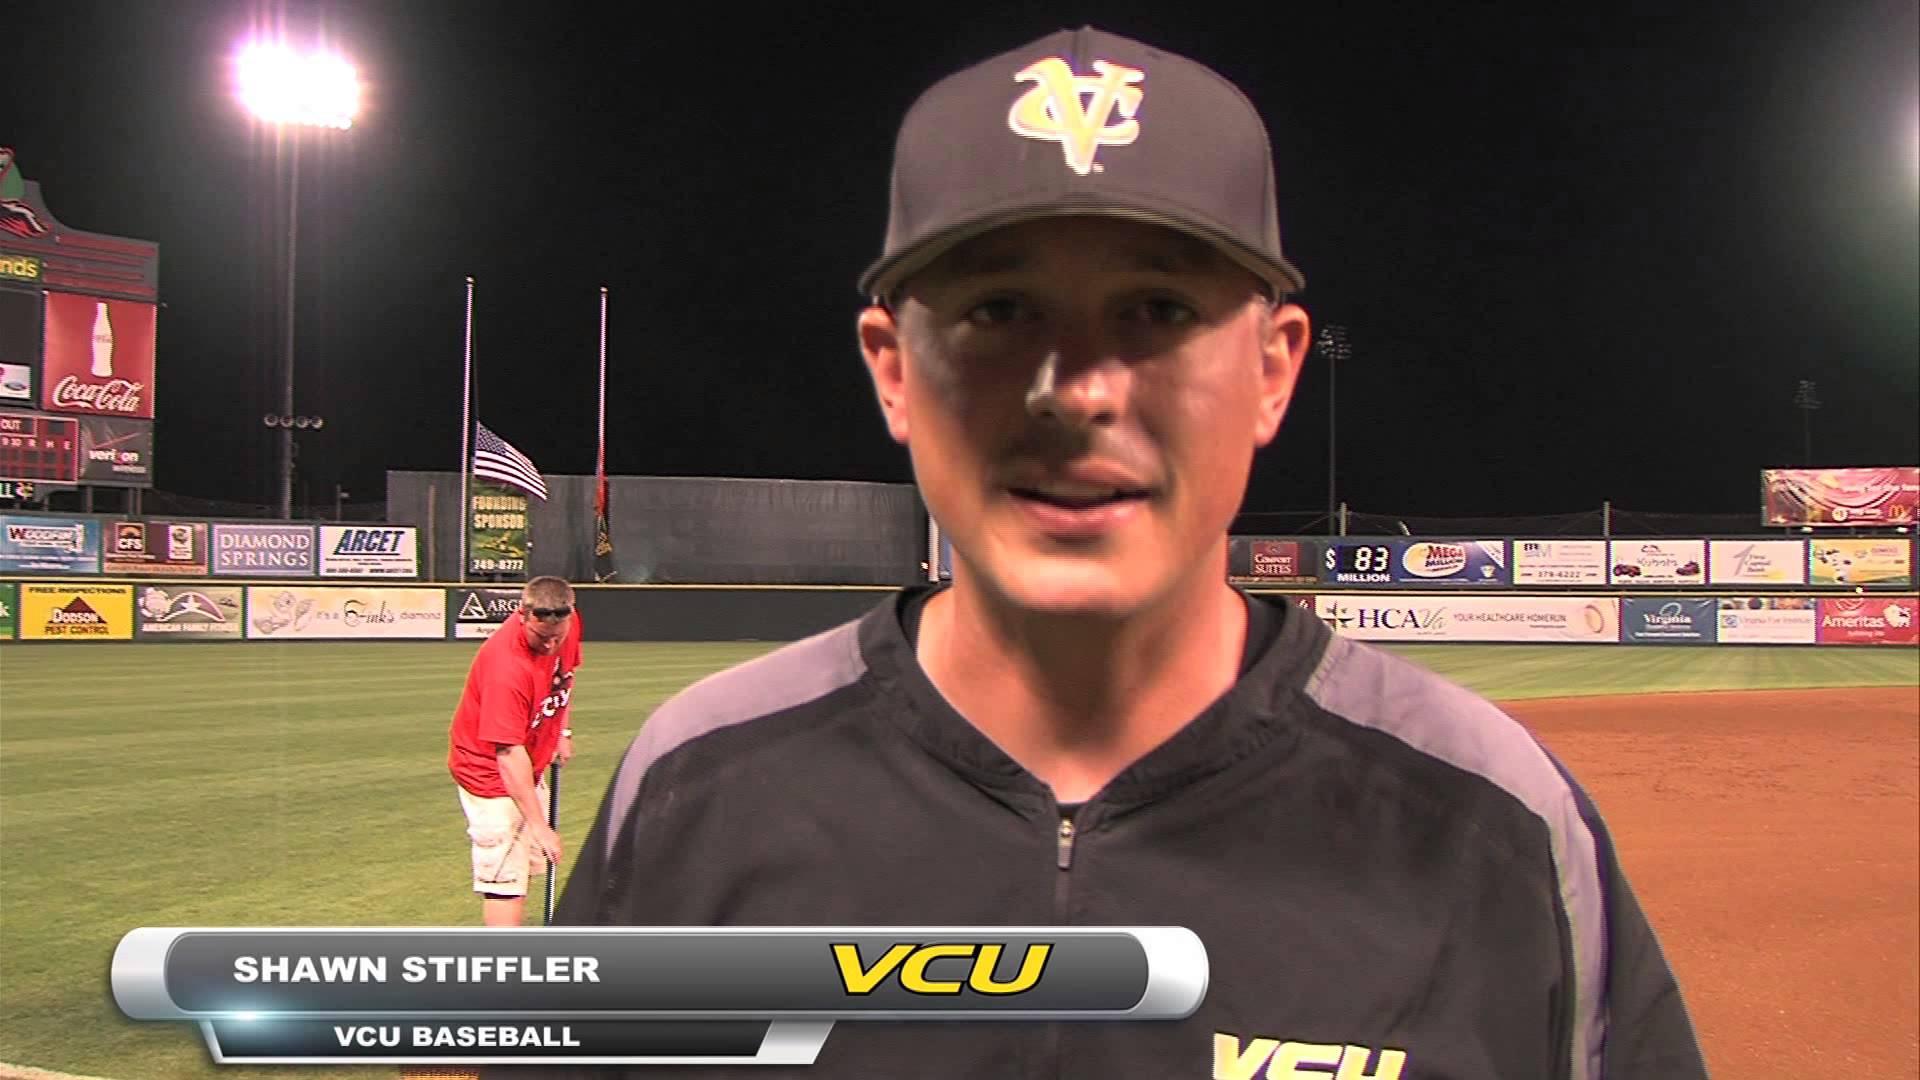 VCU baseball head coach Shawn Stiffler. Photo courtesy of VCU Athletics